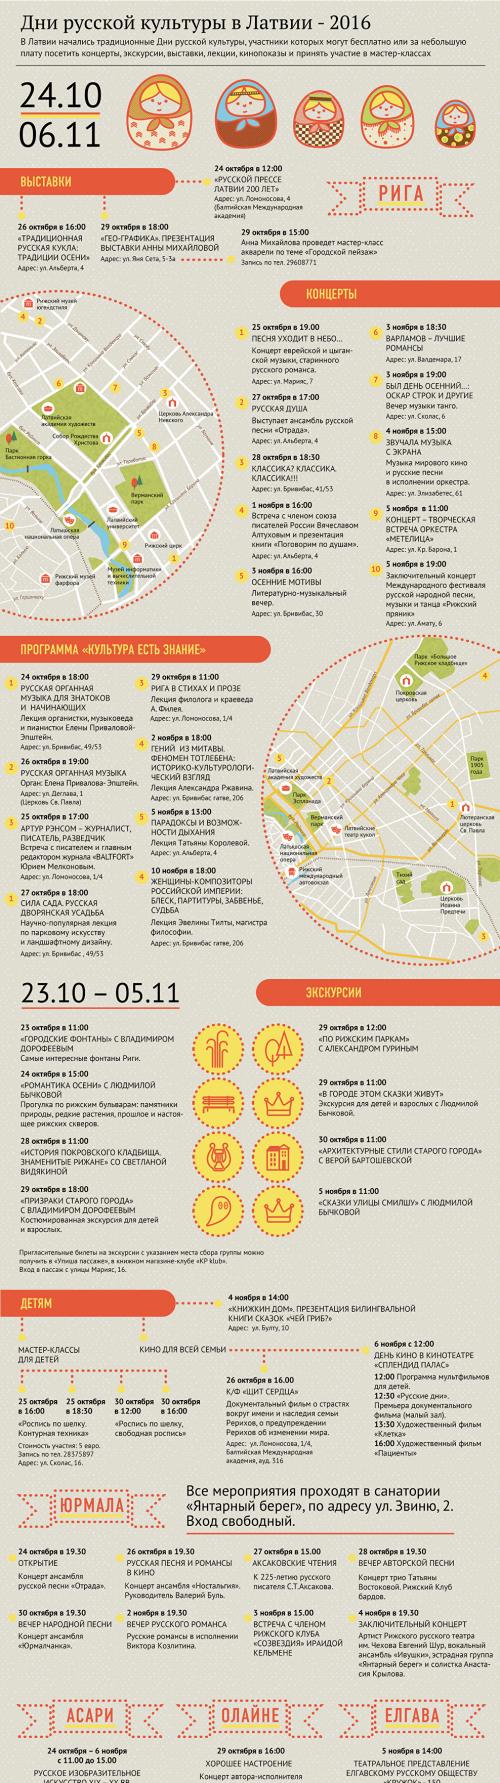 Dni kultury rosyjskiej na Łotwie - program